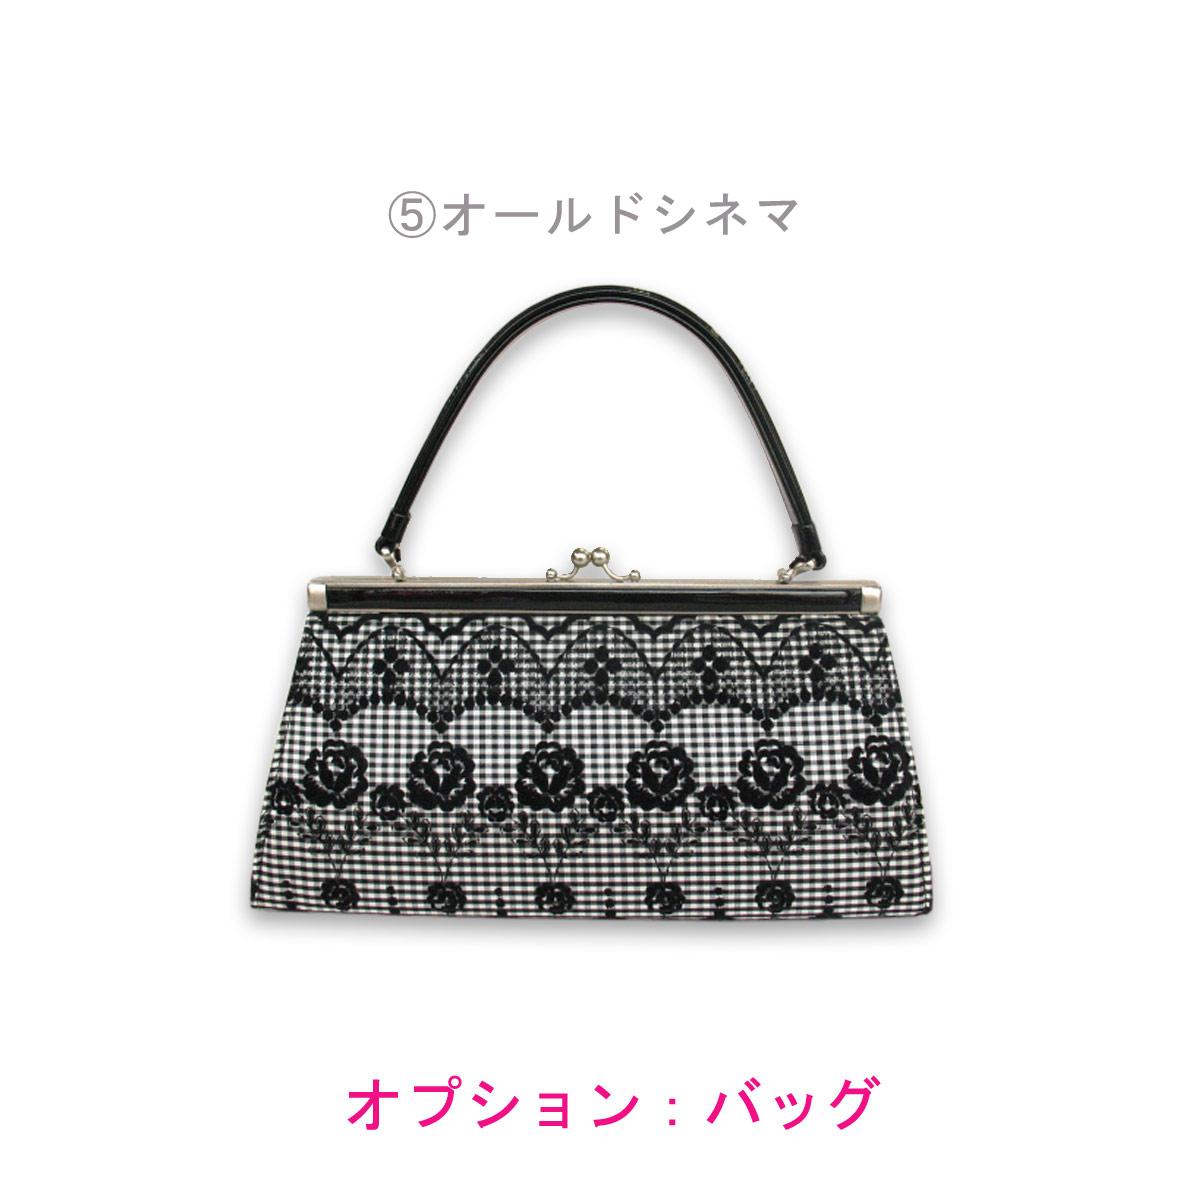 【レンタル】袴 タイムマシーン ターコイズ